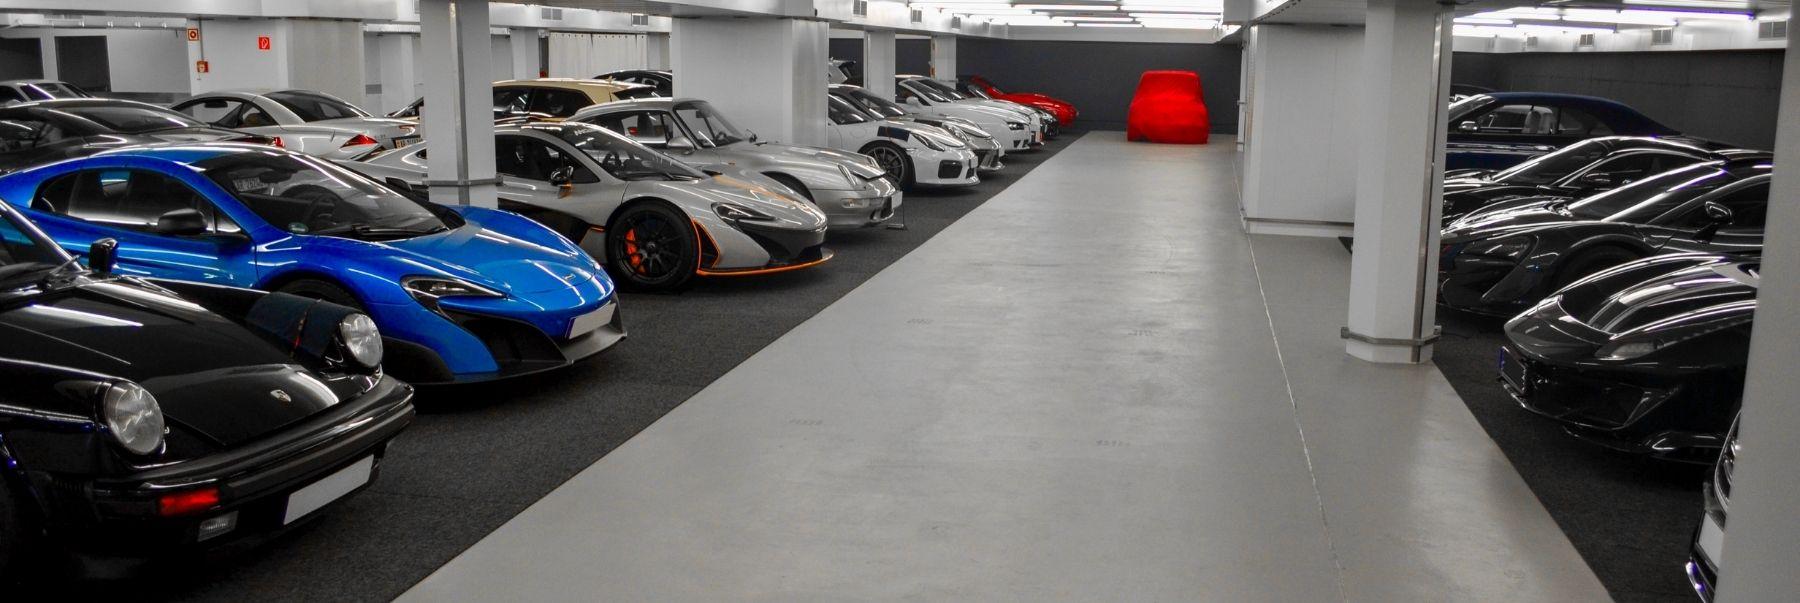 Oldtimer, Sportwagen und Luxusautos parken in einer Halle